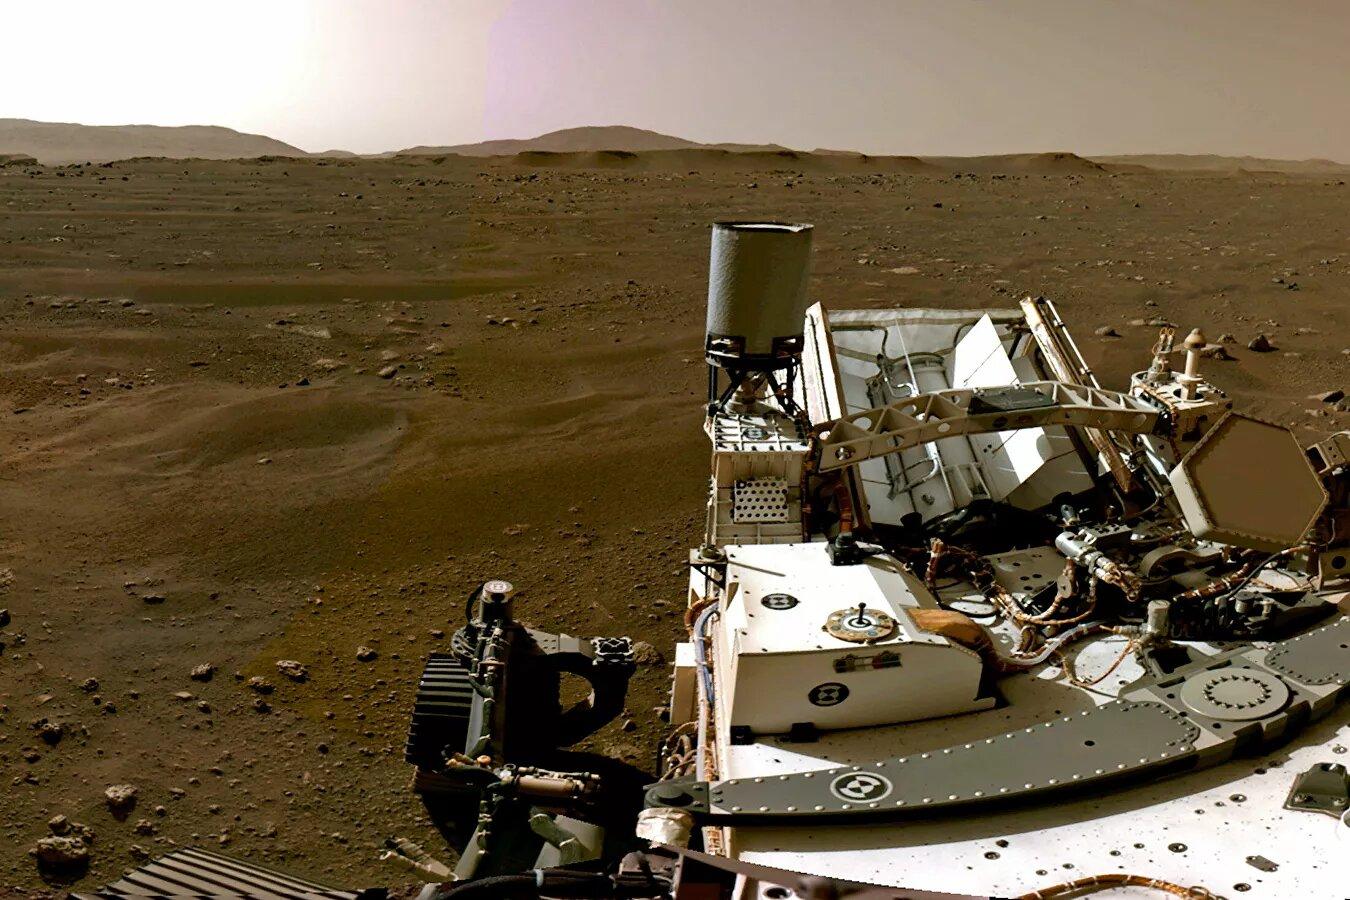 Imágenes inéditas que captó el róver Perseverance en Marte (+FOTOS)